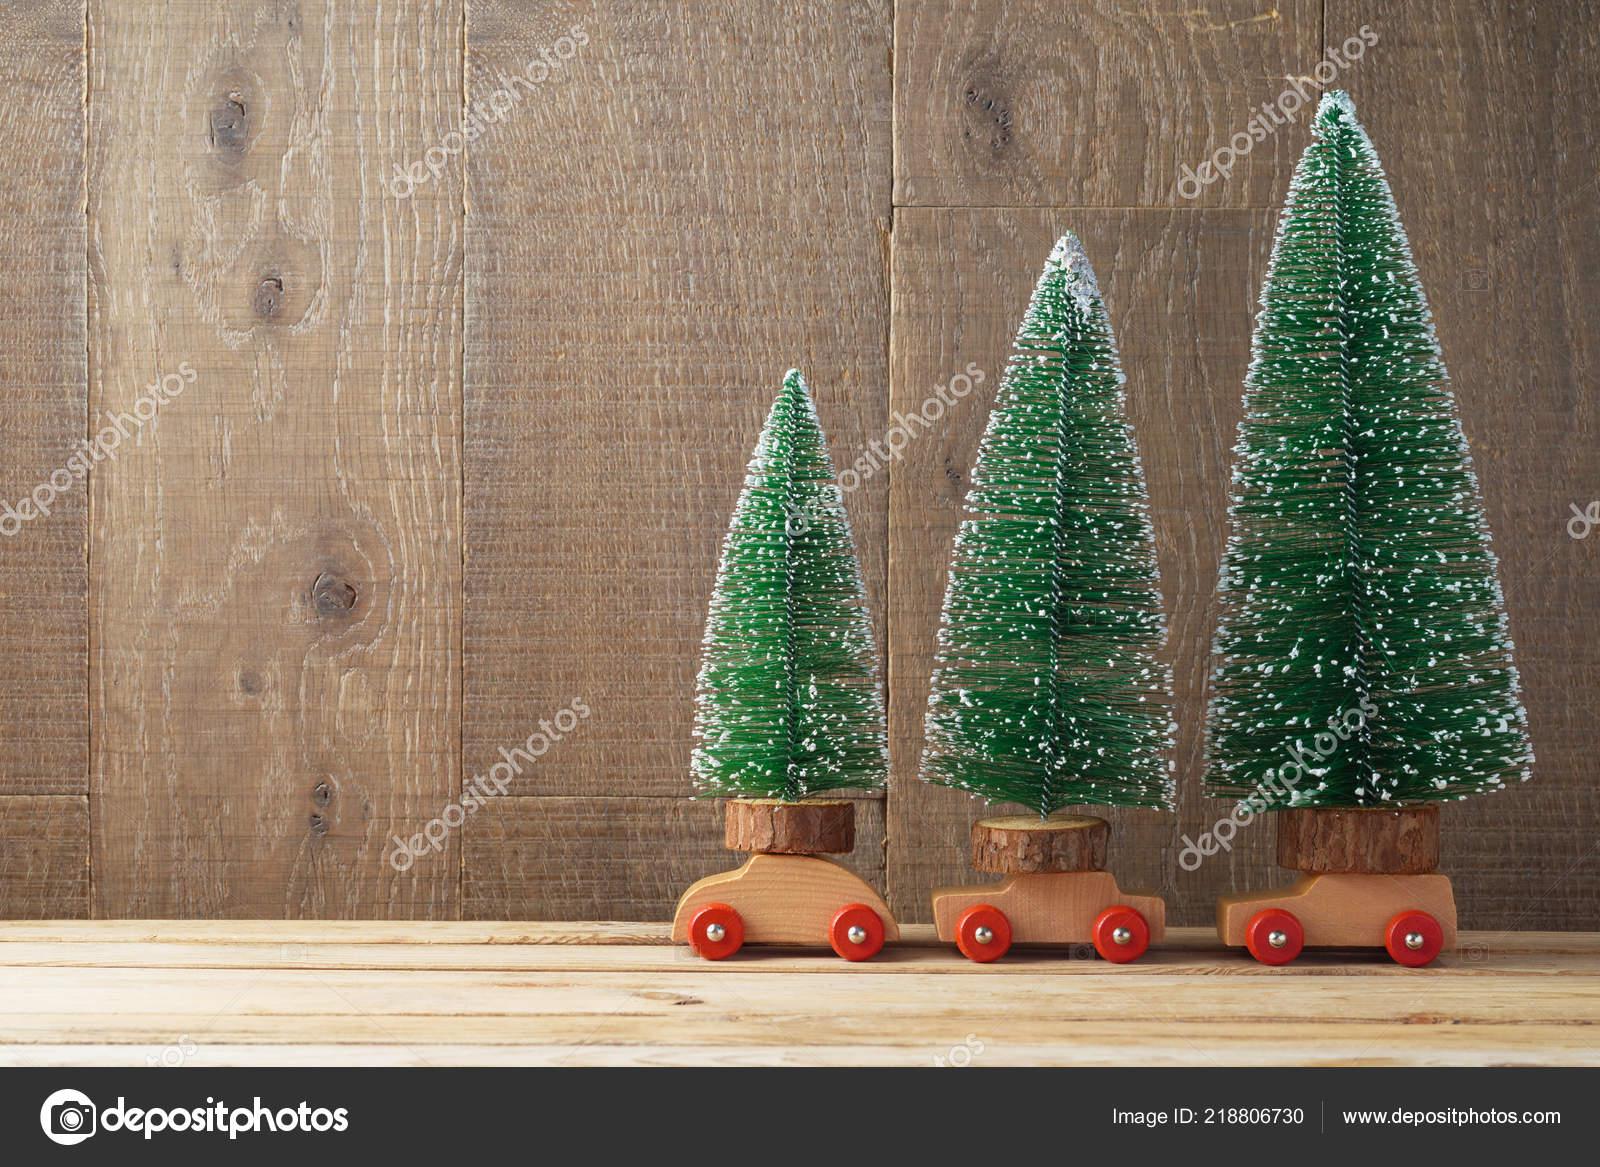 Mesa Navidad Stock — Con Juguete Madera Árboles Coche Foto De Fondo jLSMVUzpGq